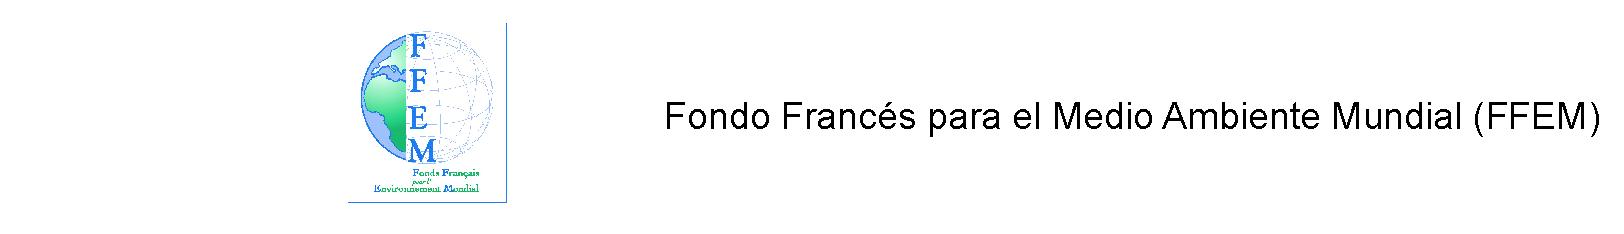 Fondo Francés para el Medio Ambiente Mundial (FFEM) 2